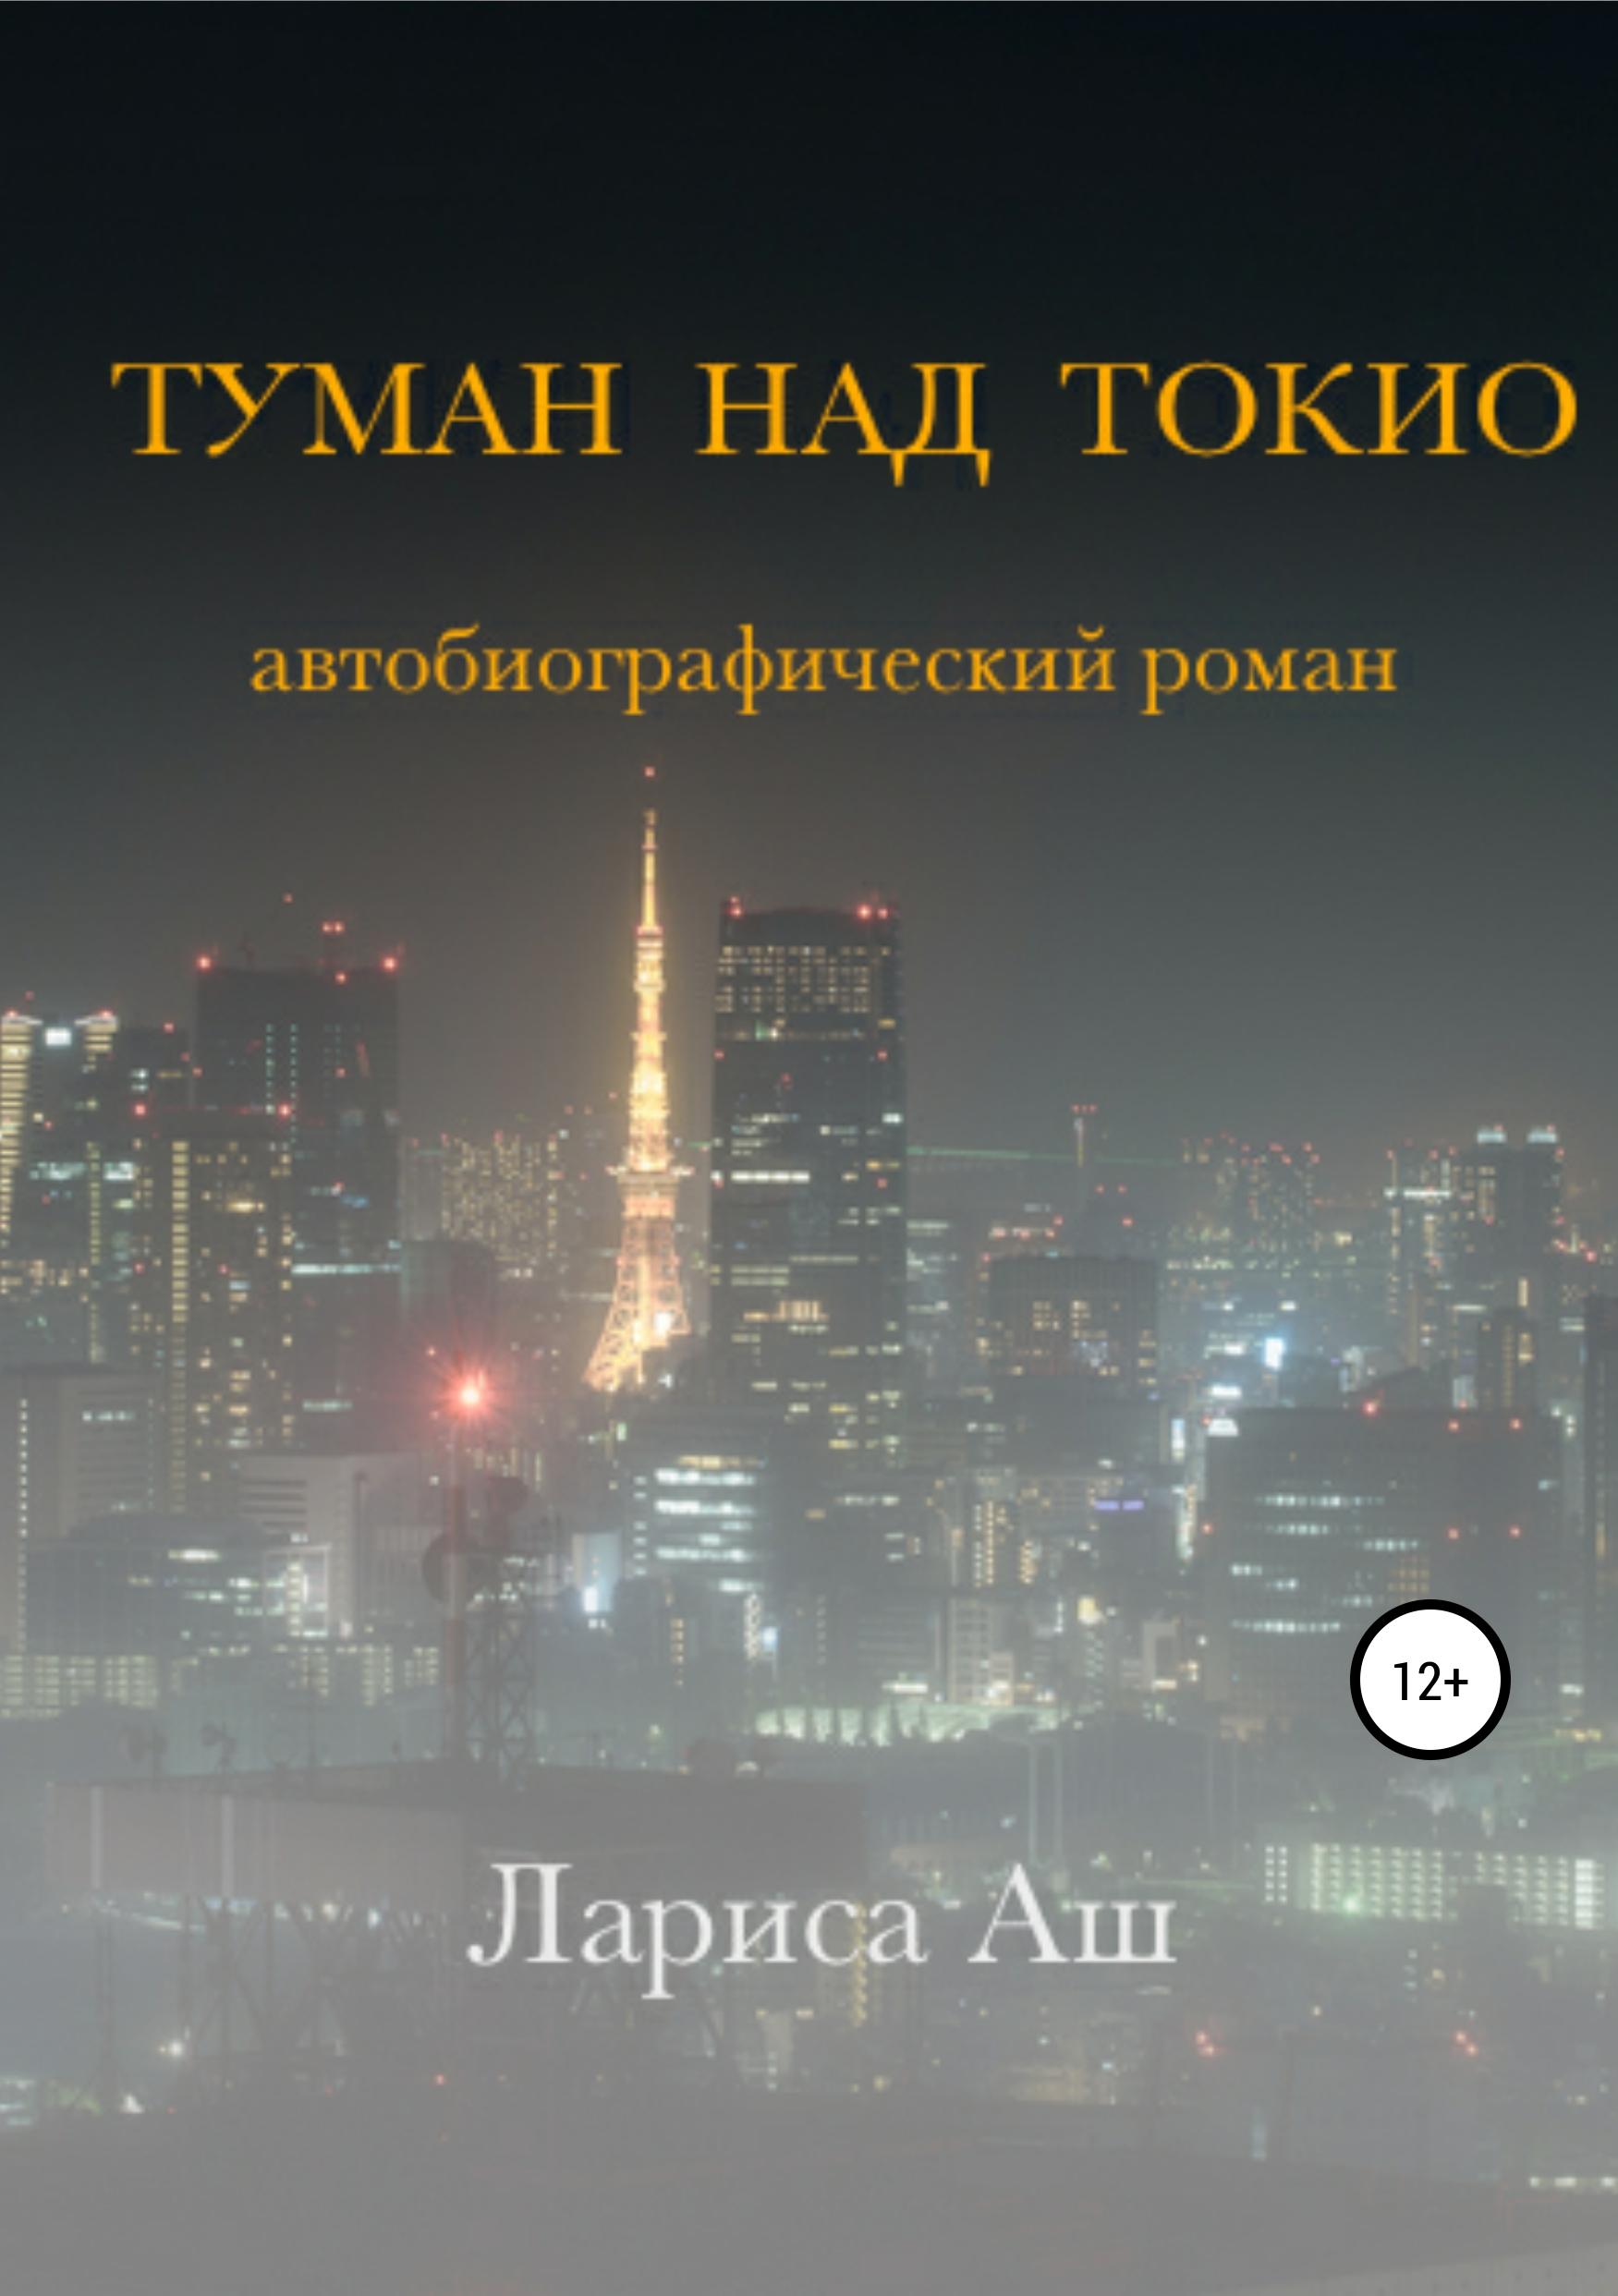 Туман над Токио